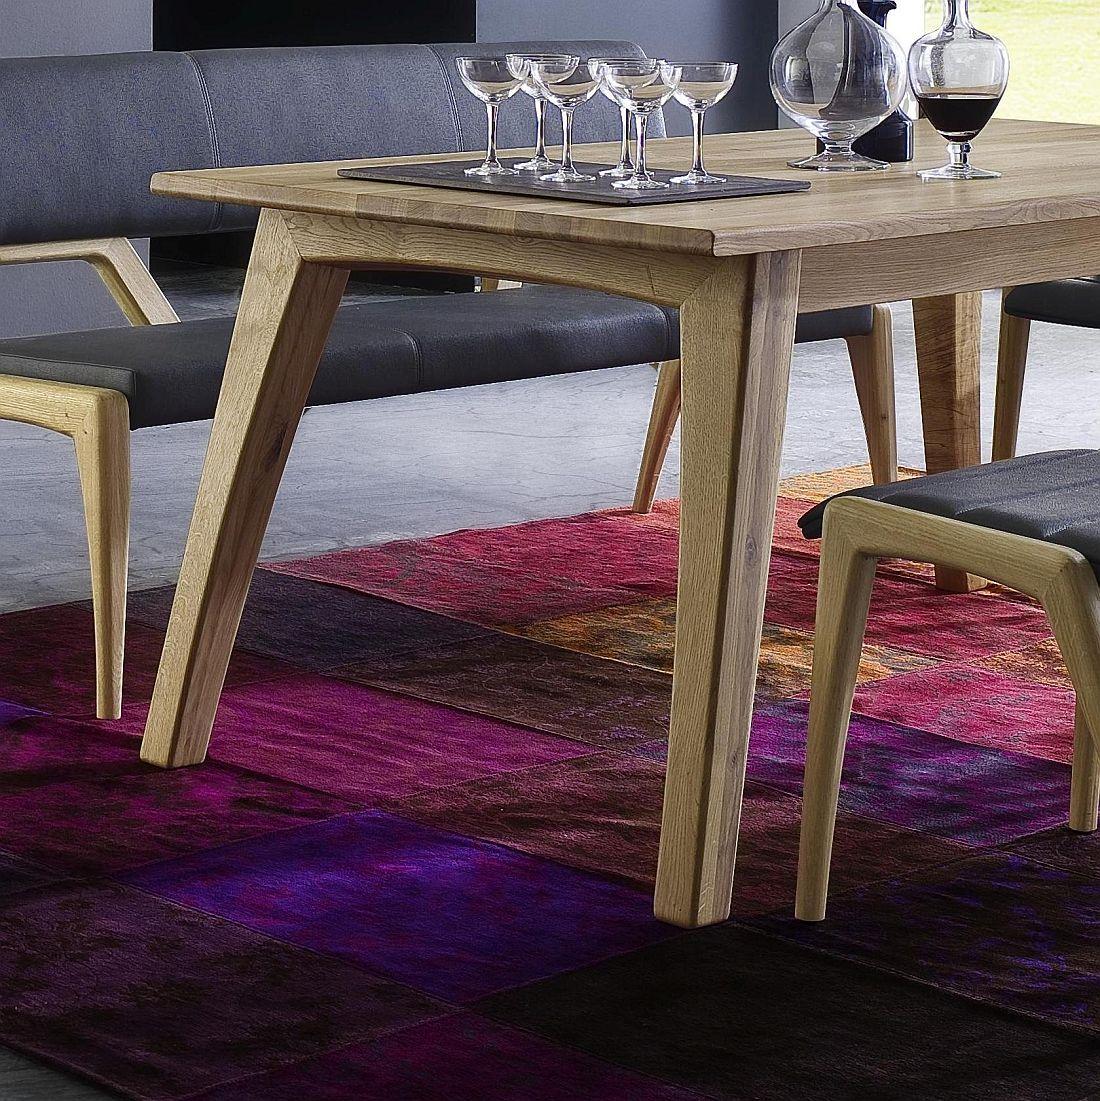 nyon massivholzm bel wohnen und speisen massivholz m bel in goslar massivholz m bel in goslar. Black Bedroom Furniture Sets. Home Design Ideas